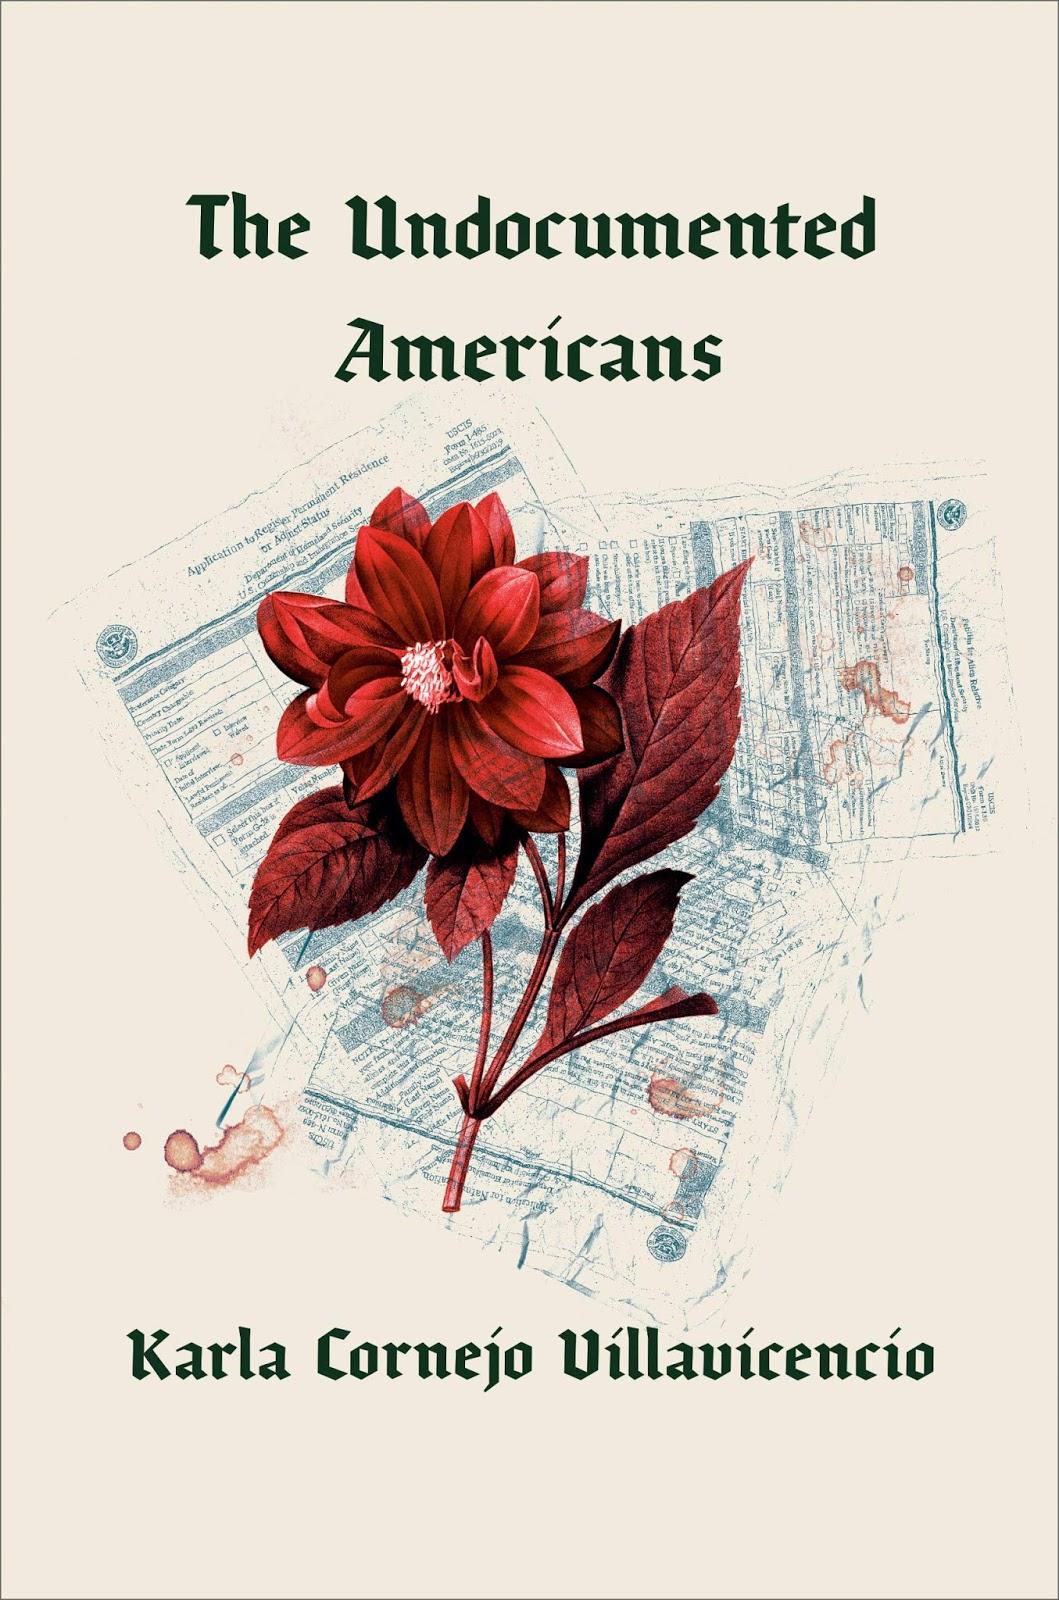 The Undocumented Americans by Karla Cornejo Villavicencio